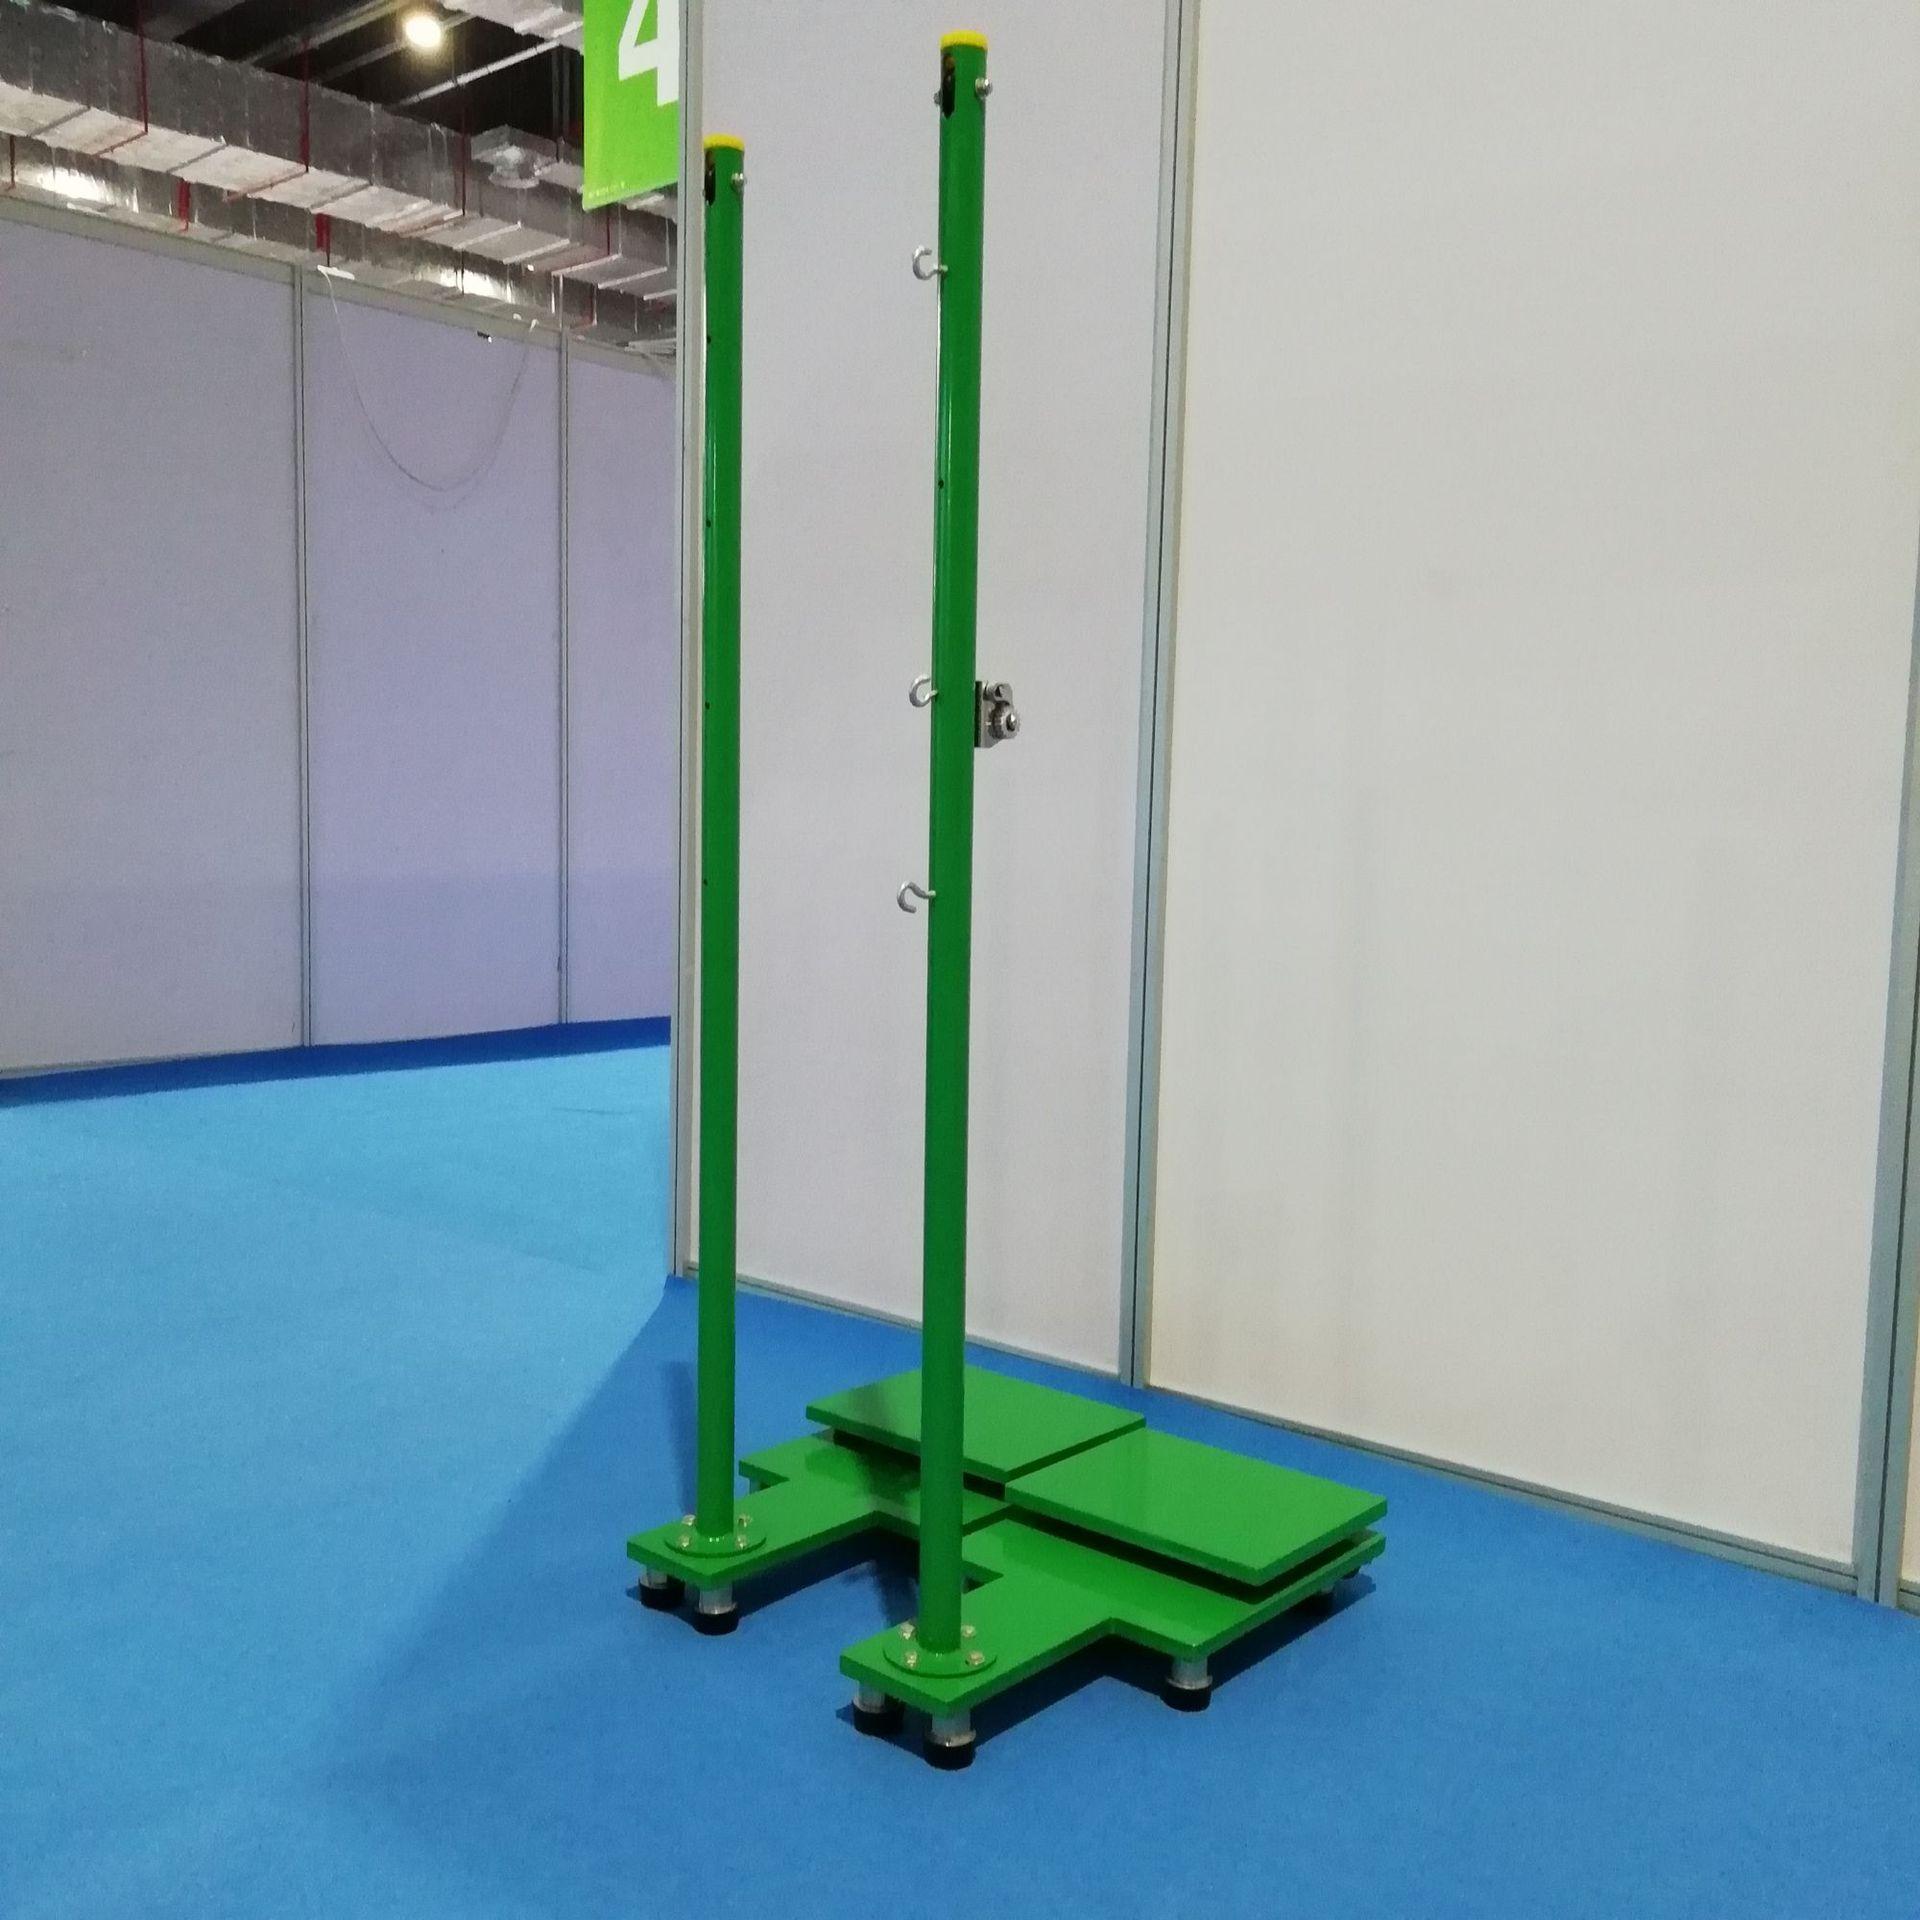 厂家直销移动式羽毛球网架 纯钢板底座 高档不锈钢立柱羽毛球柱